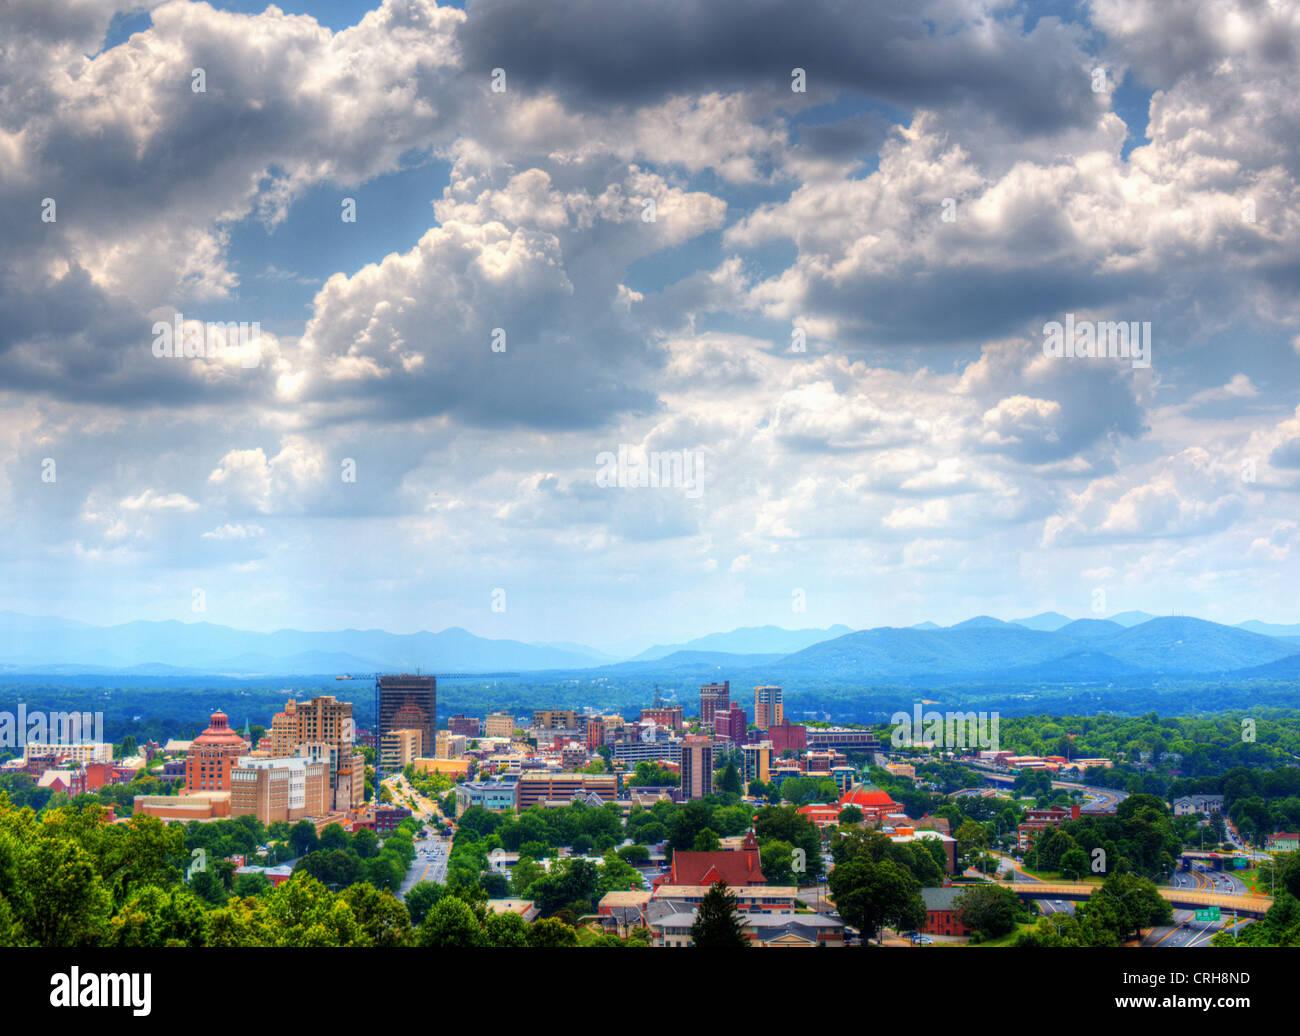 Asheville, North Carolina skyline nestled in the Blue Ridge Mountains. Stock Photo